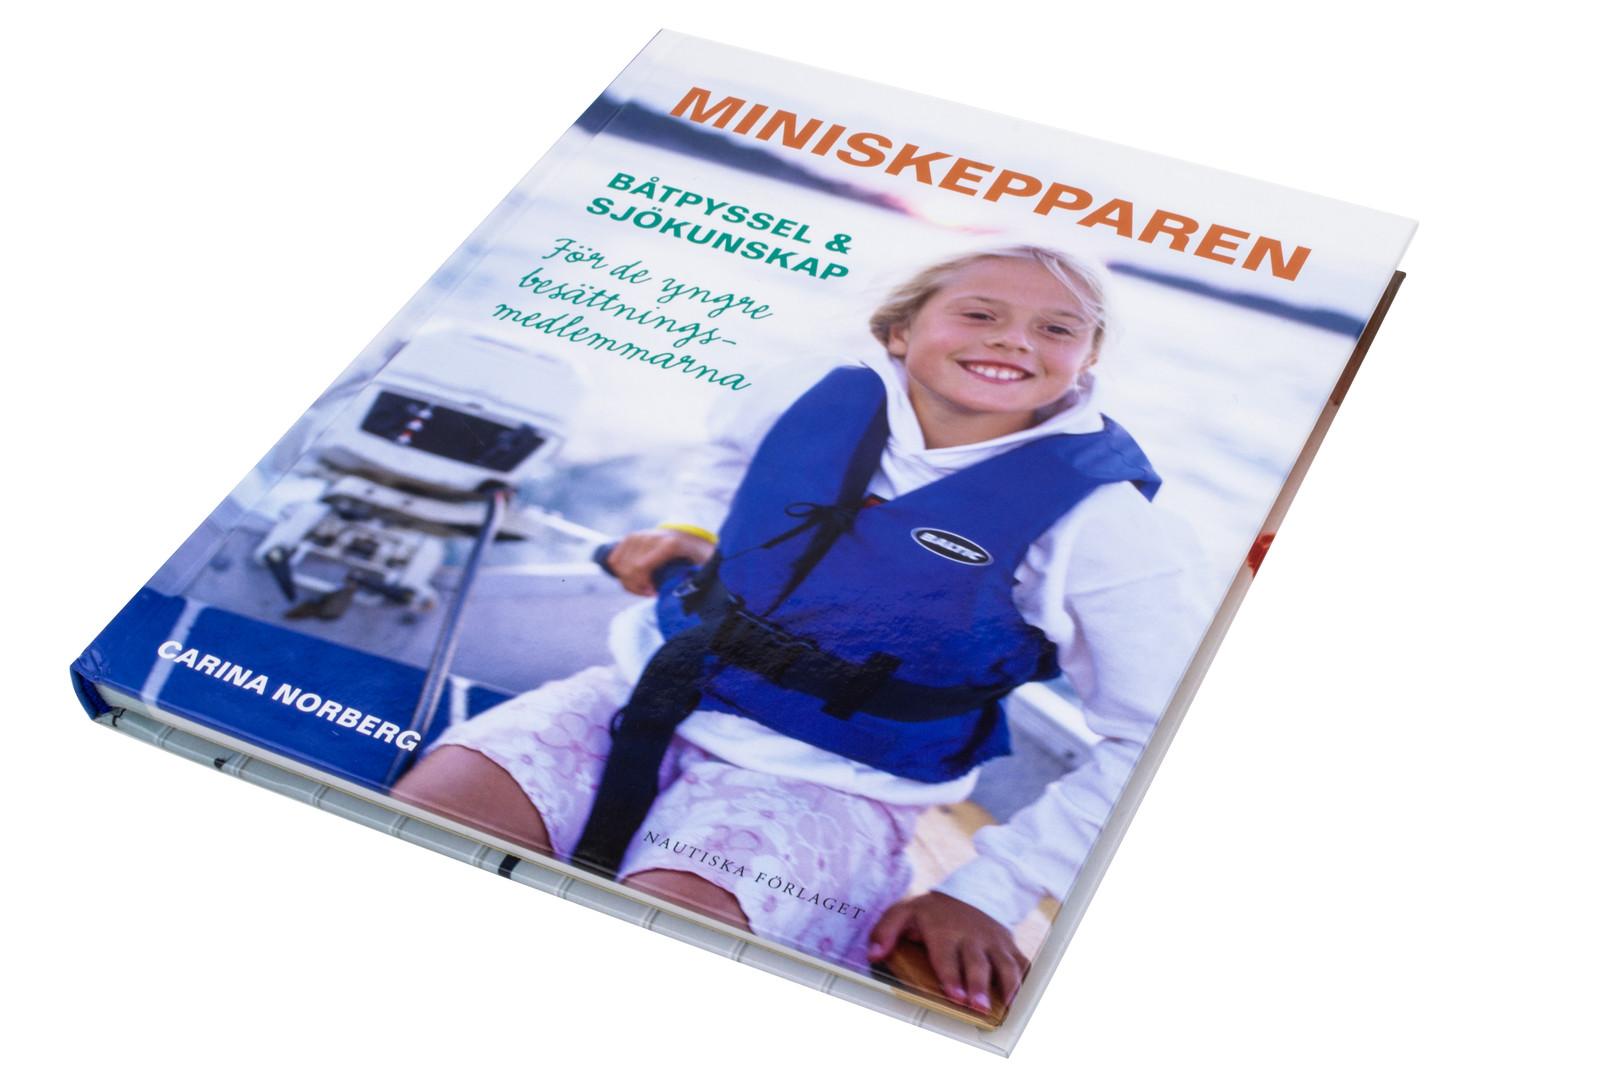 Miniskepparen_3.jpg